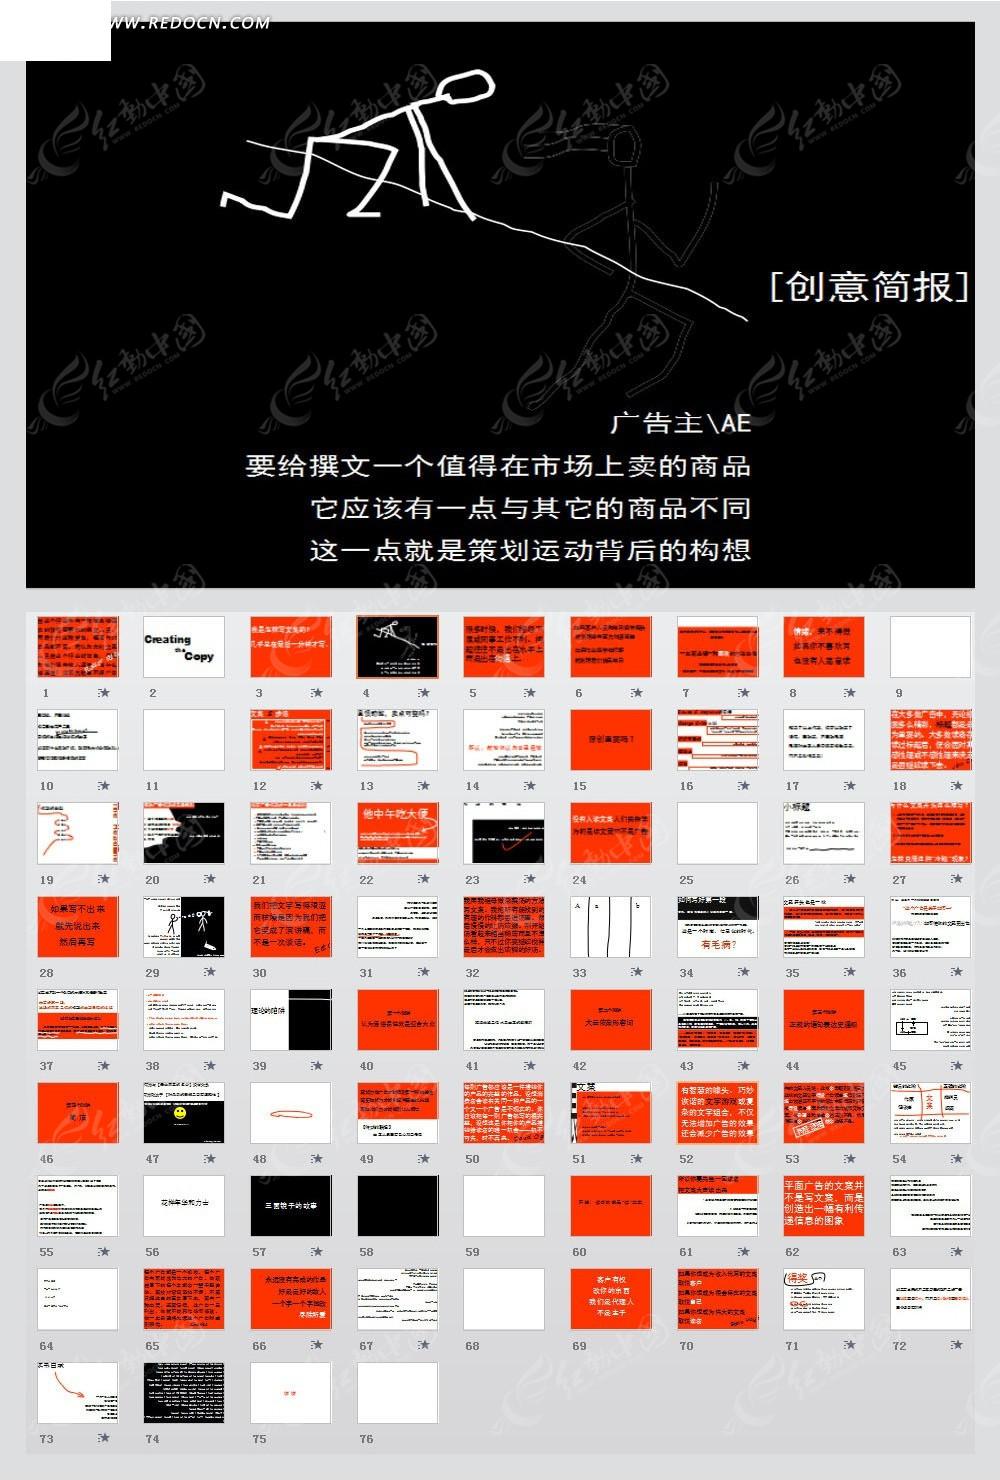 奥美广告文案写作培训材料ppt素材免费下载 编号3045504 红动网